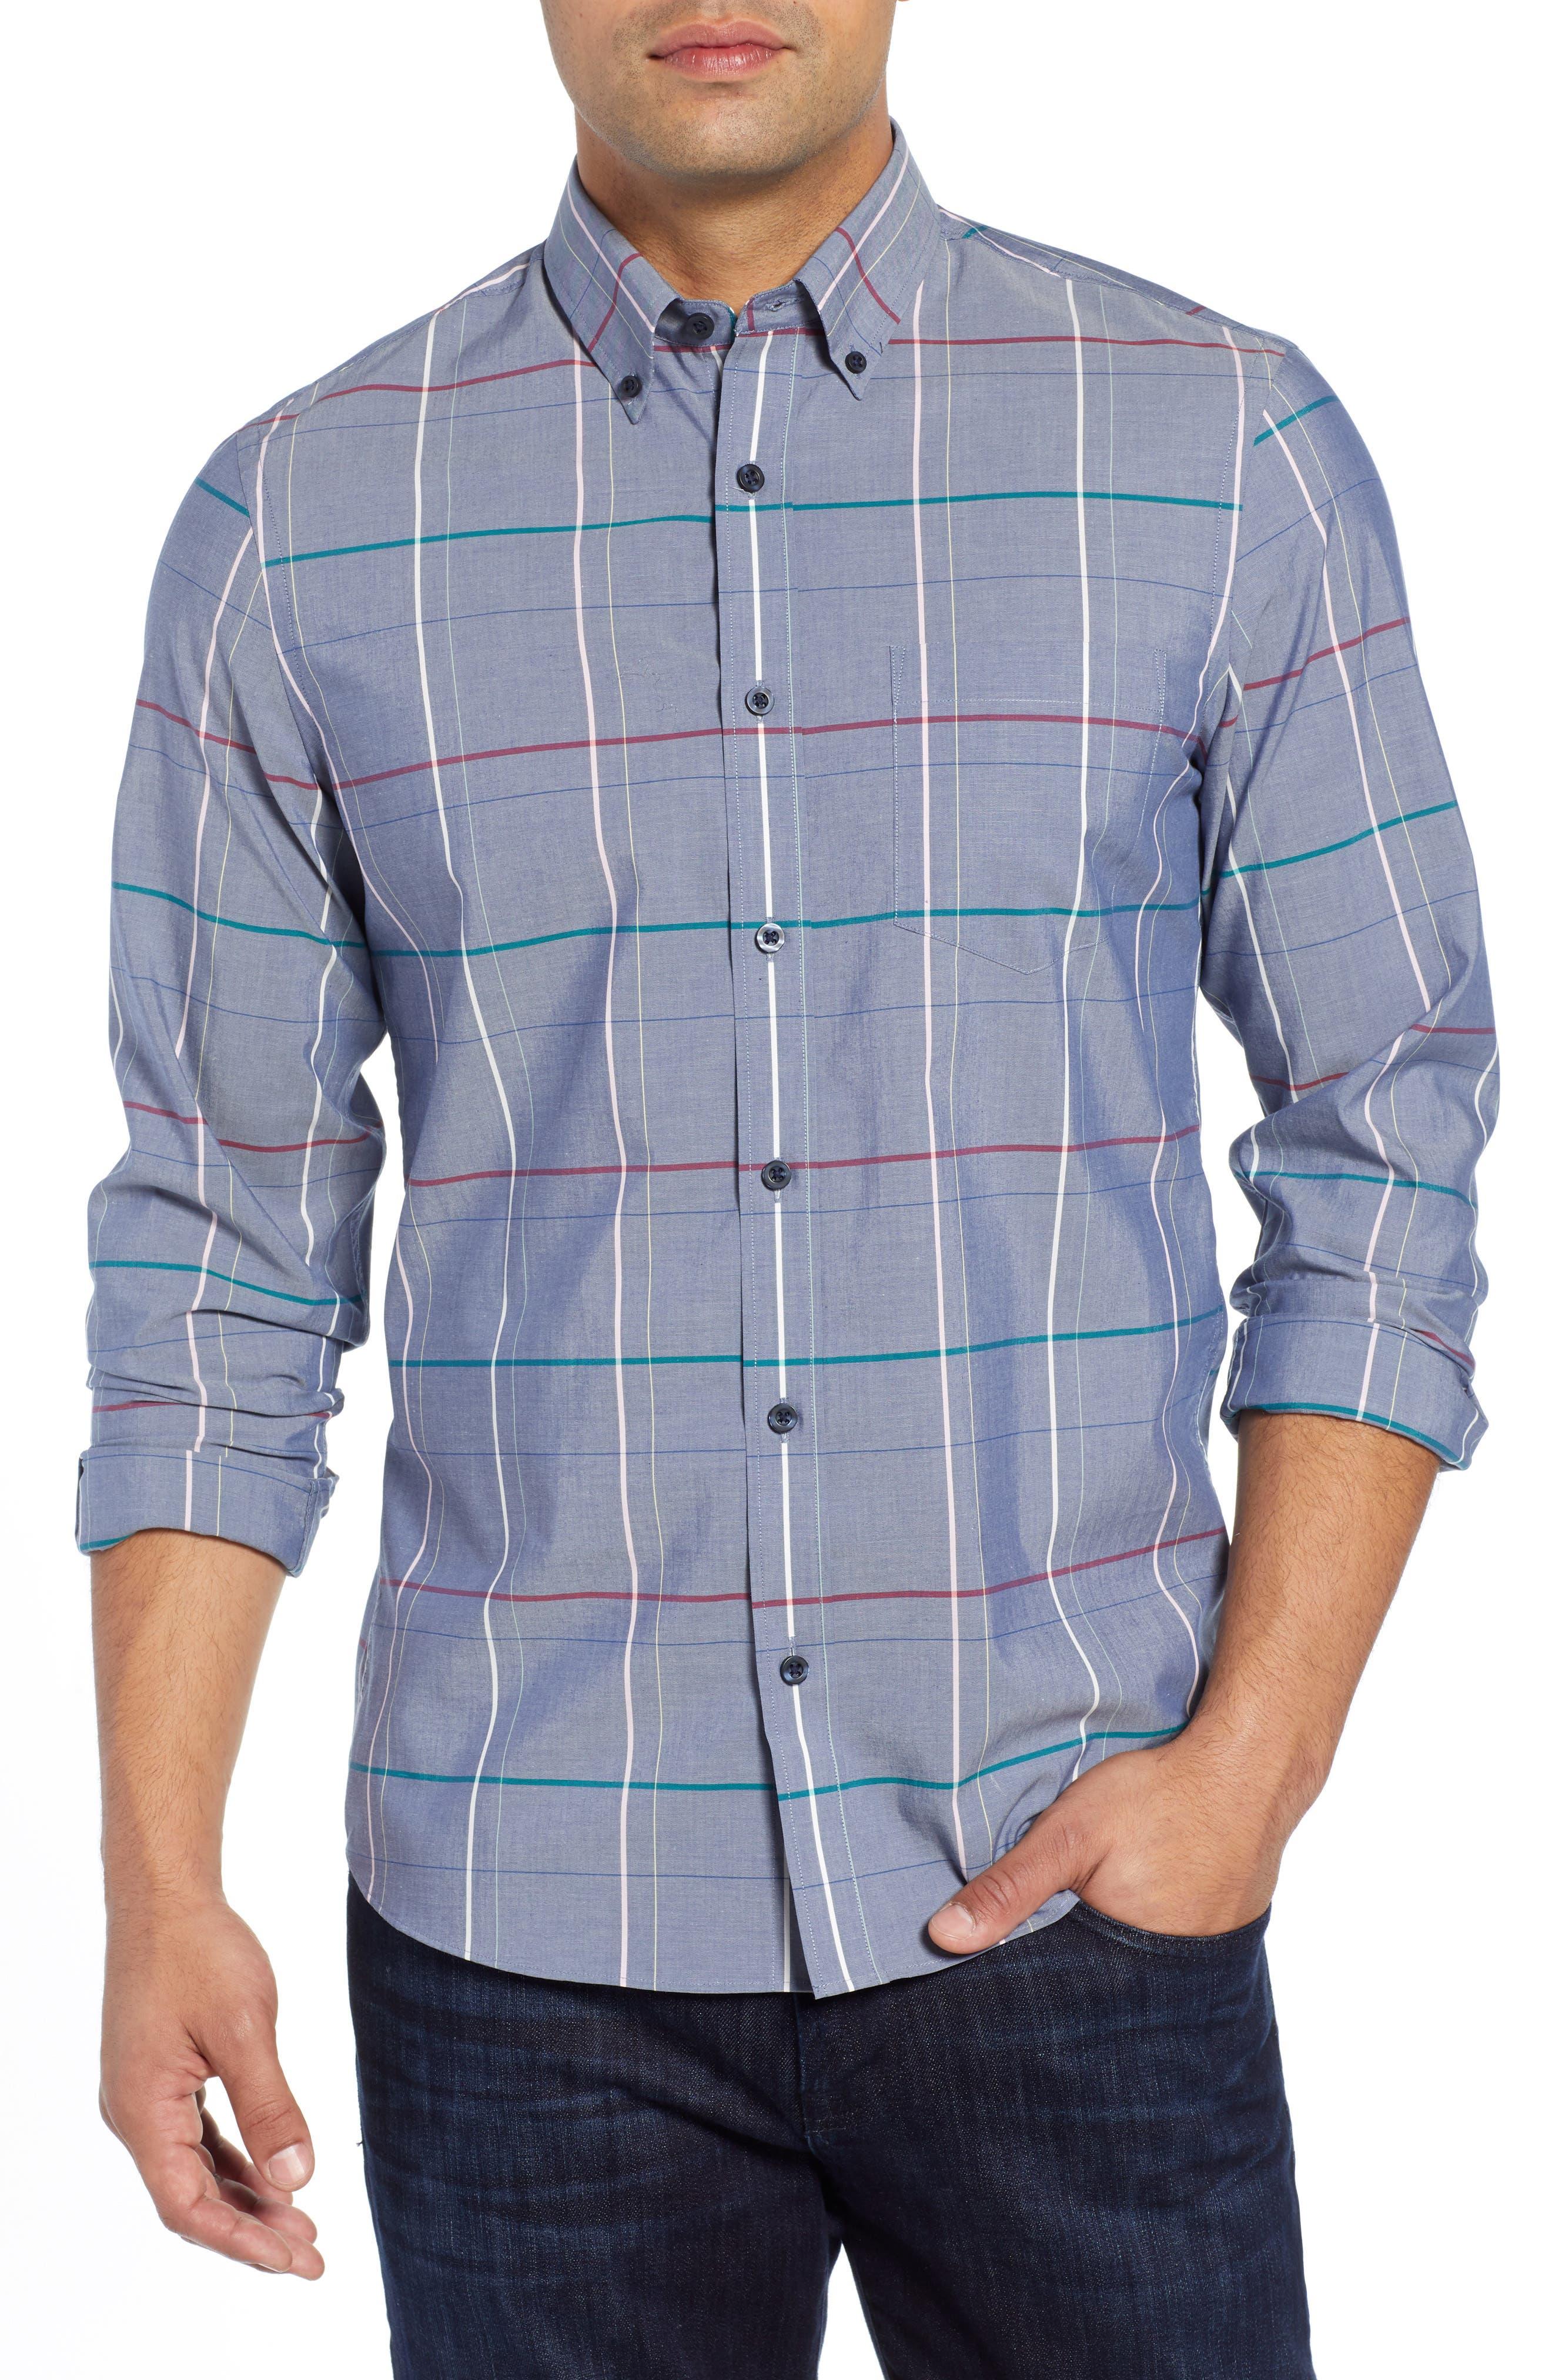 Tech-Smart Slim Fit Multi Pane Sport Shirt,                             Main thumbnail 1, color,                             BLUE CHAMBRAY MULTI PANE